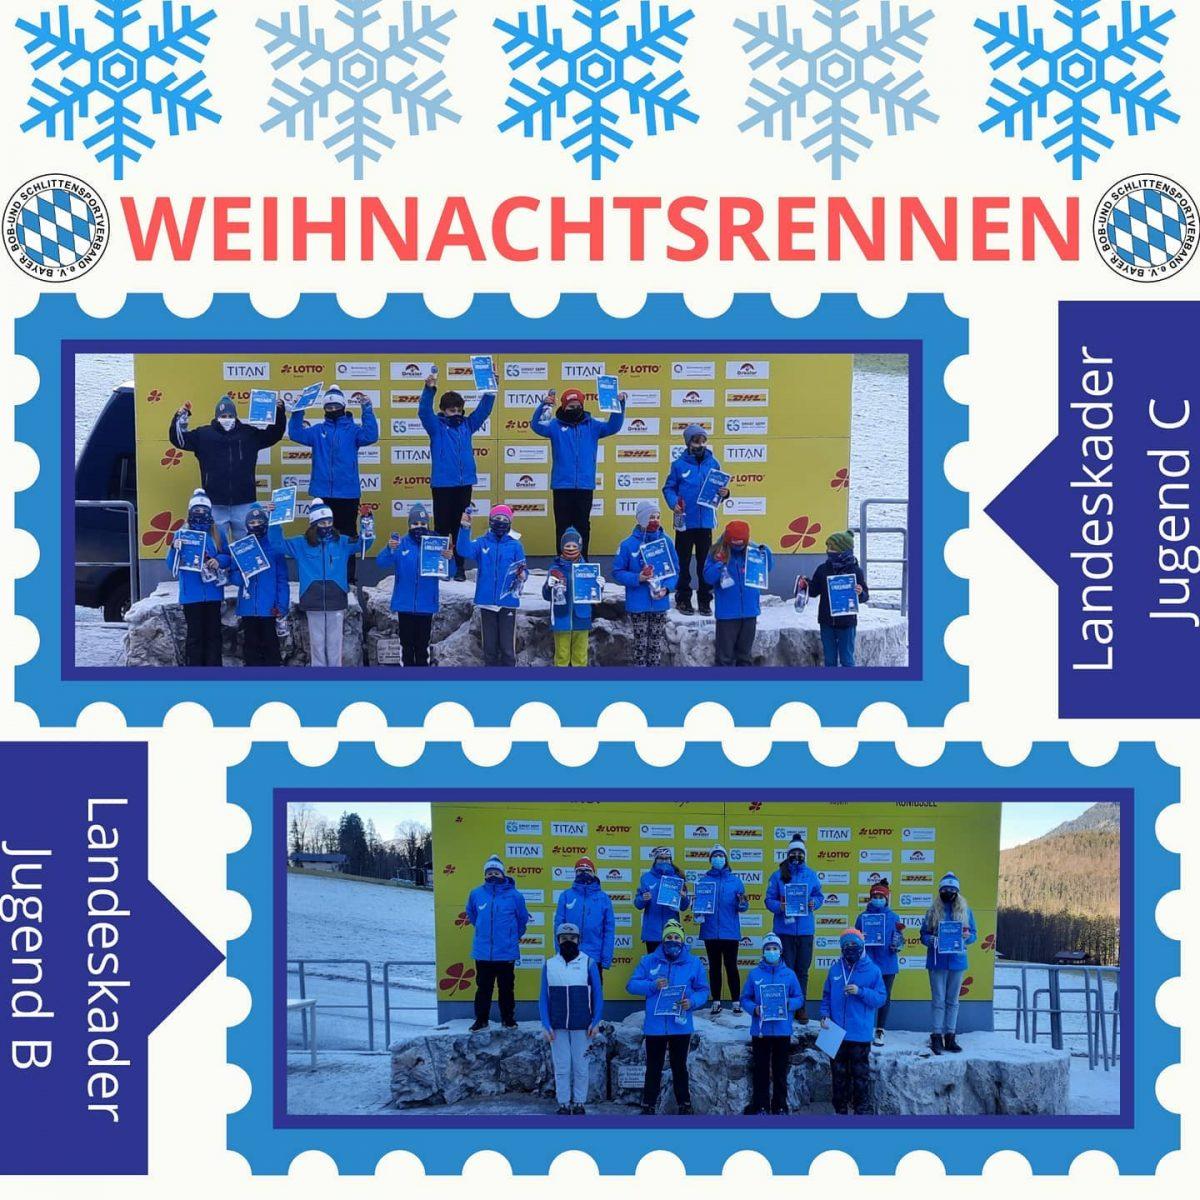 Weihnachtsrennen – 20. Dezember 2020 – Lotto Bayern Eisarena Königssee